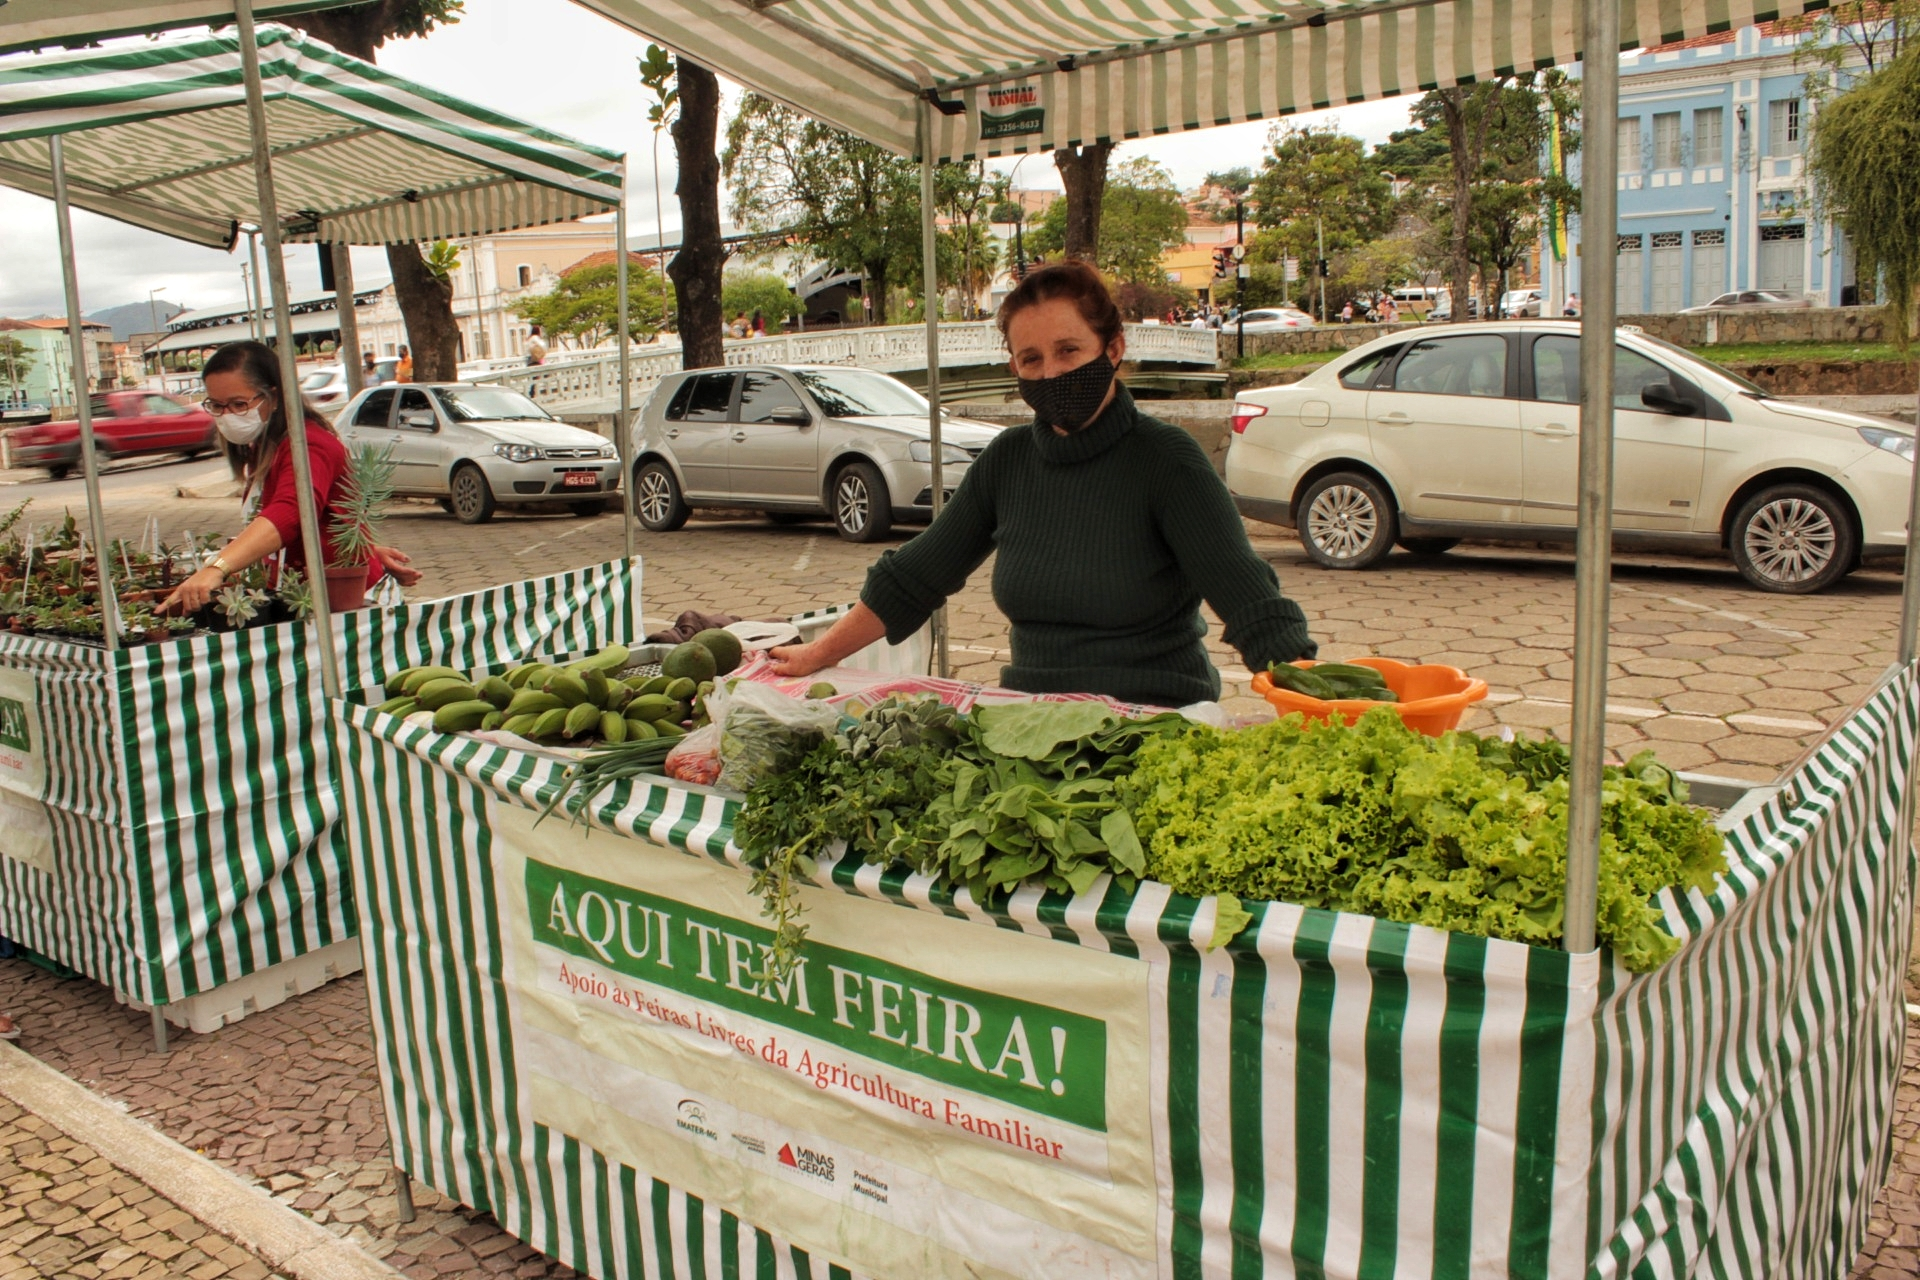 Heloísa na feira do coreto: produtora há sete anos, leva o trabalho com a terra como uma terapia. Foto de Millena Fagundes